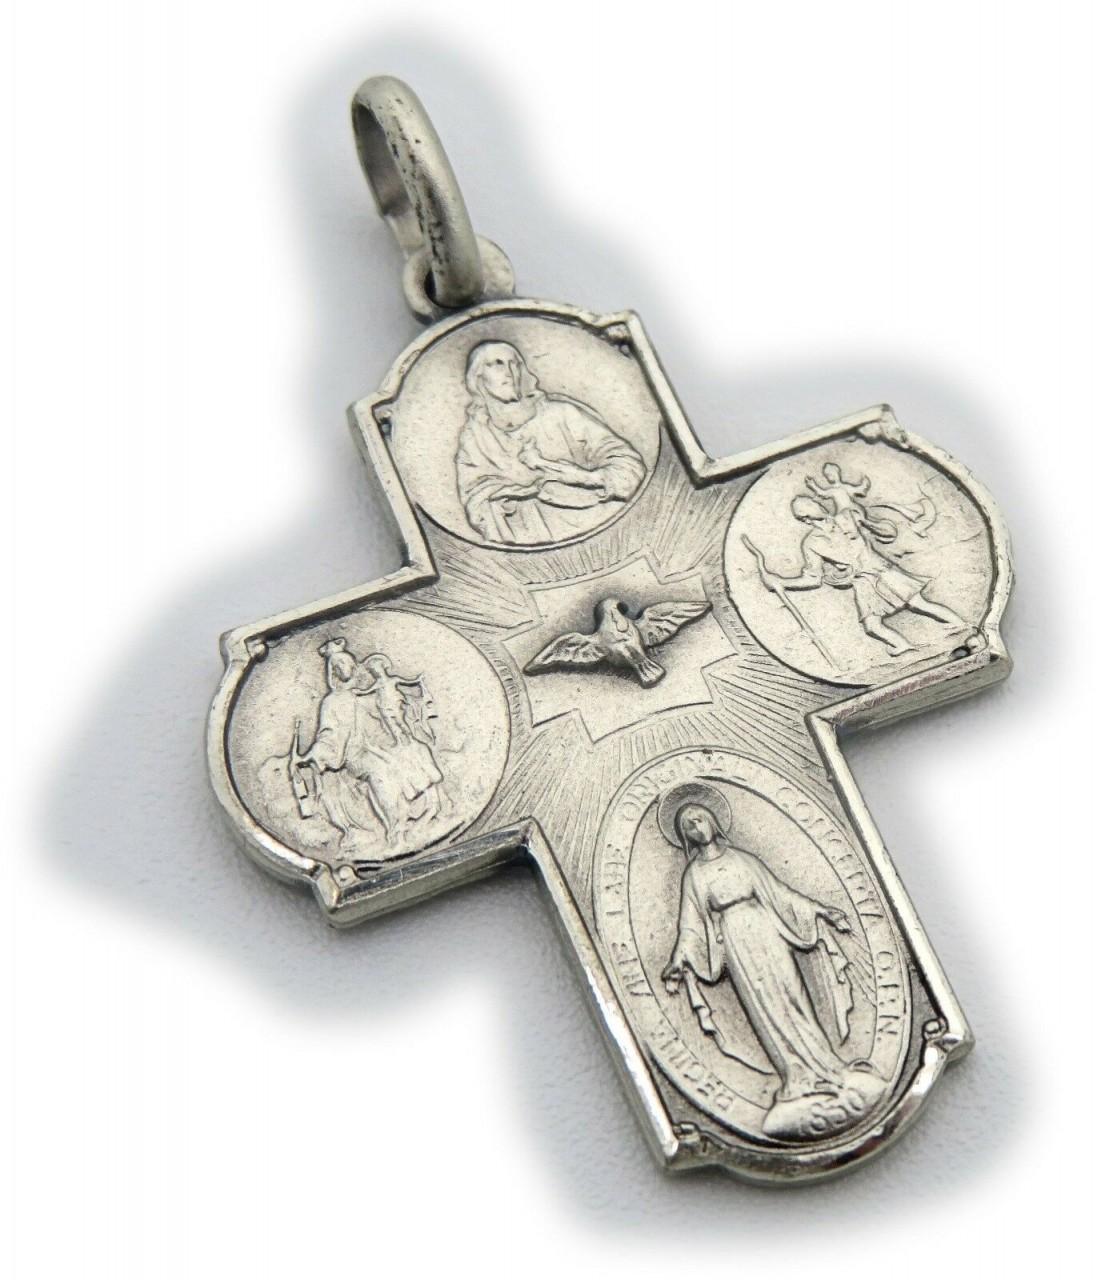 Neu Anhänger Kreuz echt Silber 925 Jesus Figur mit Kette oder ohne Christophorus